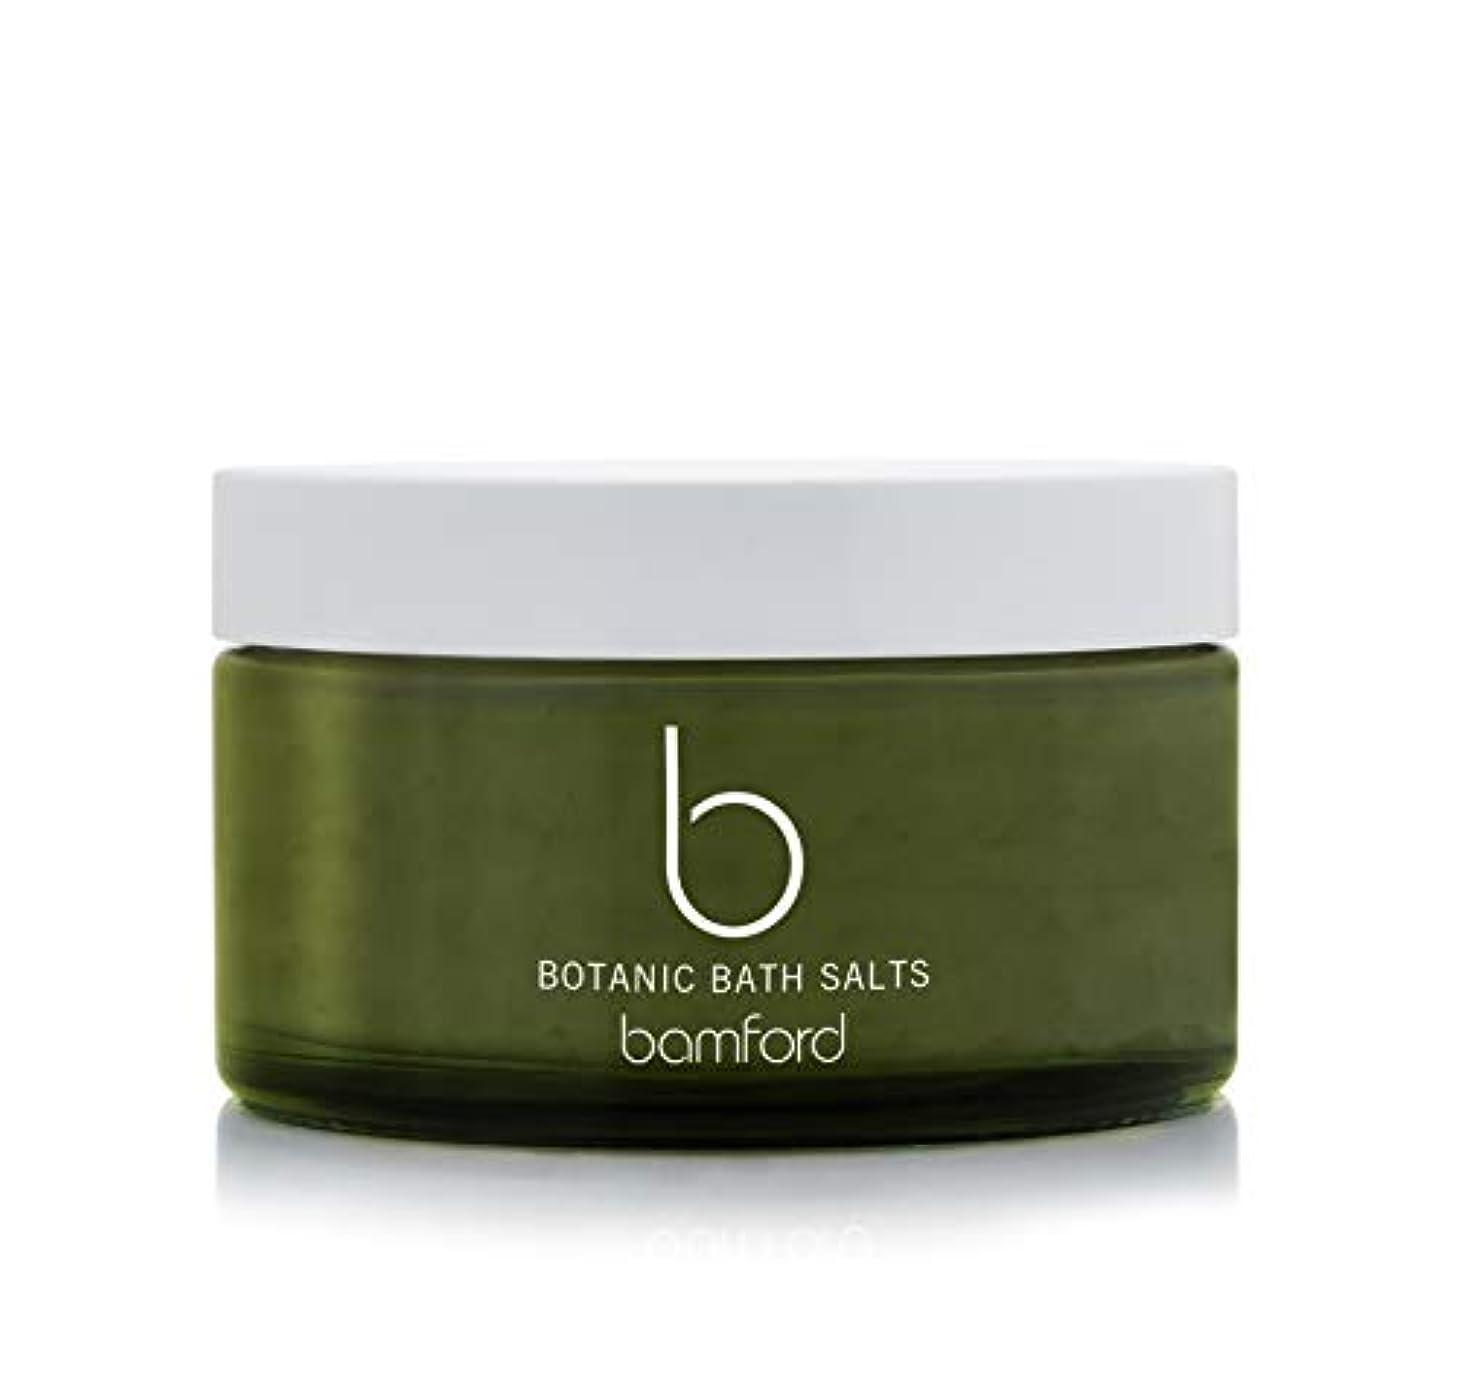 征服する欠点研磨bamford(バンフォード) ボタニックバスソルト 入浴剤 250g